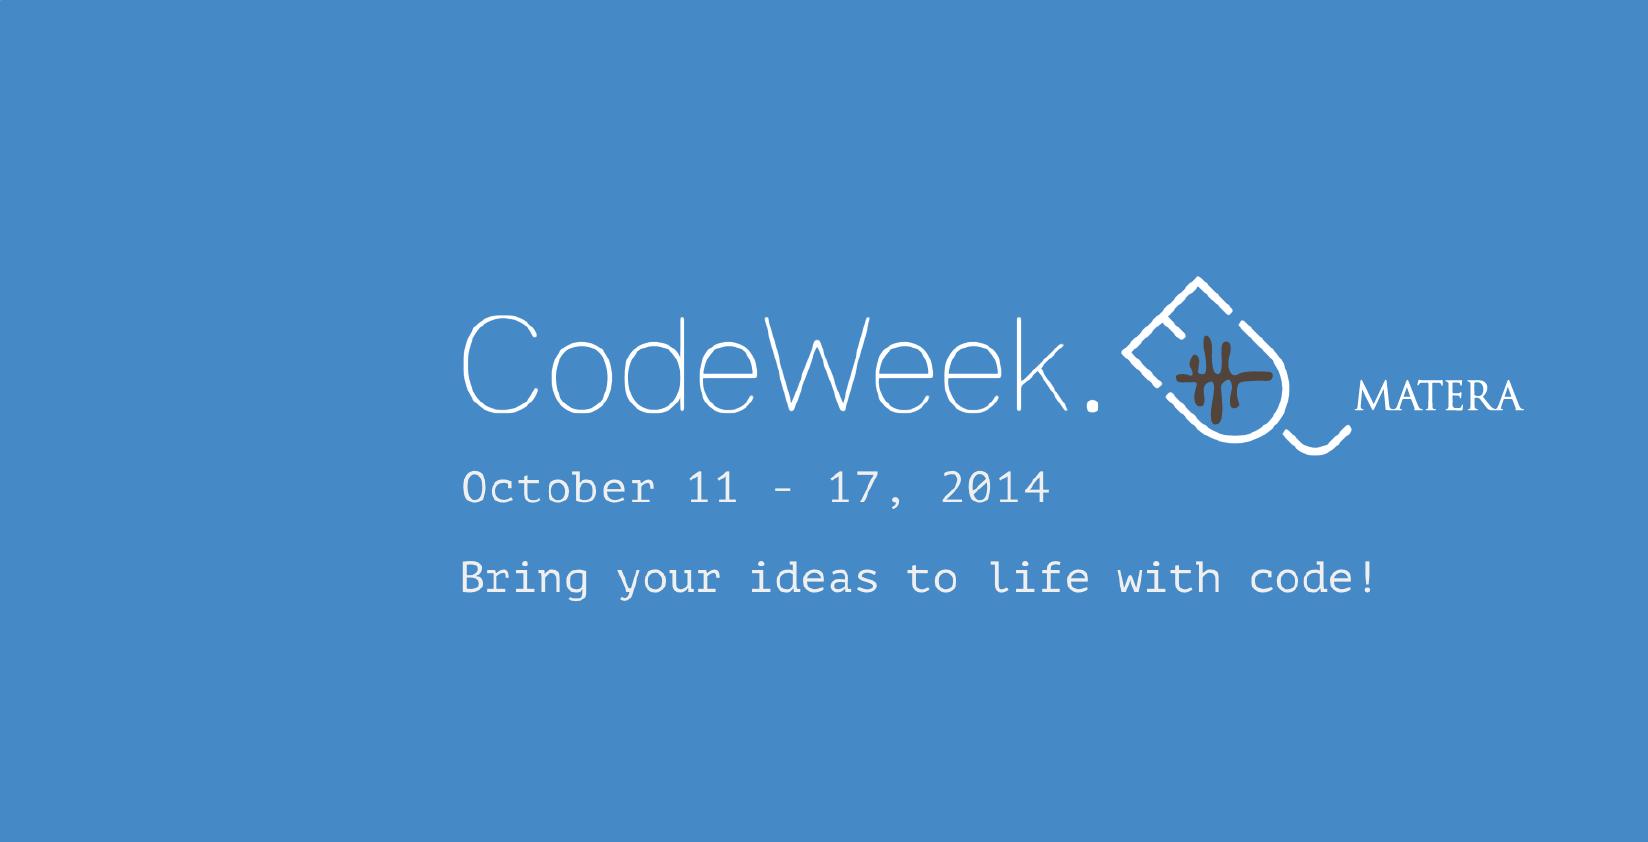 Codeweek Matera Cover Image